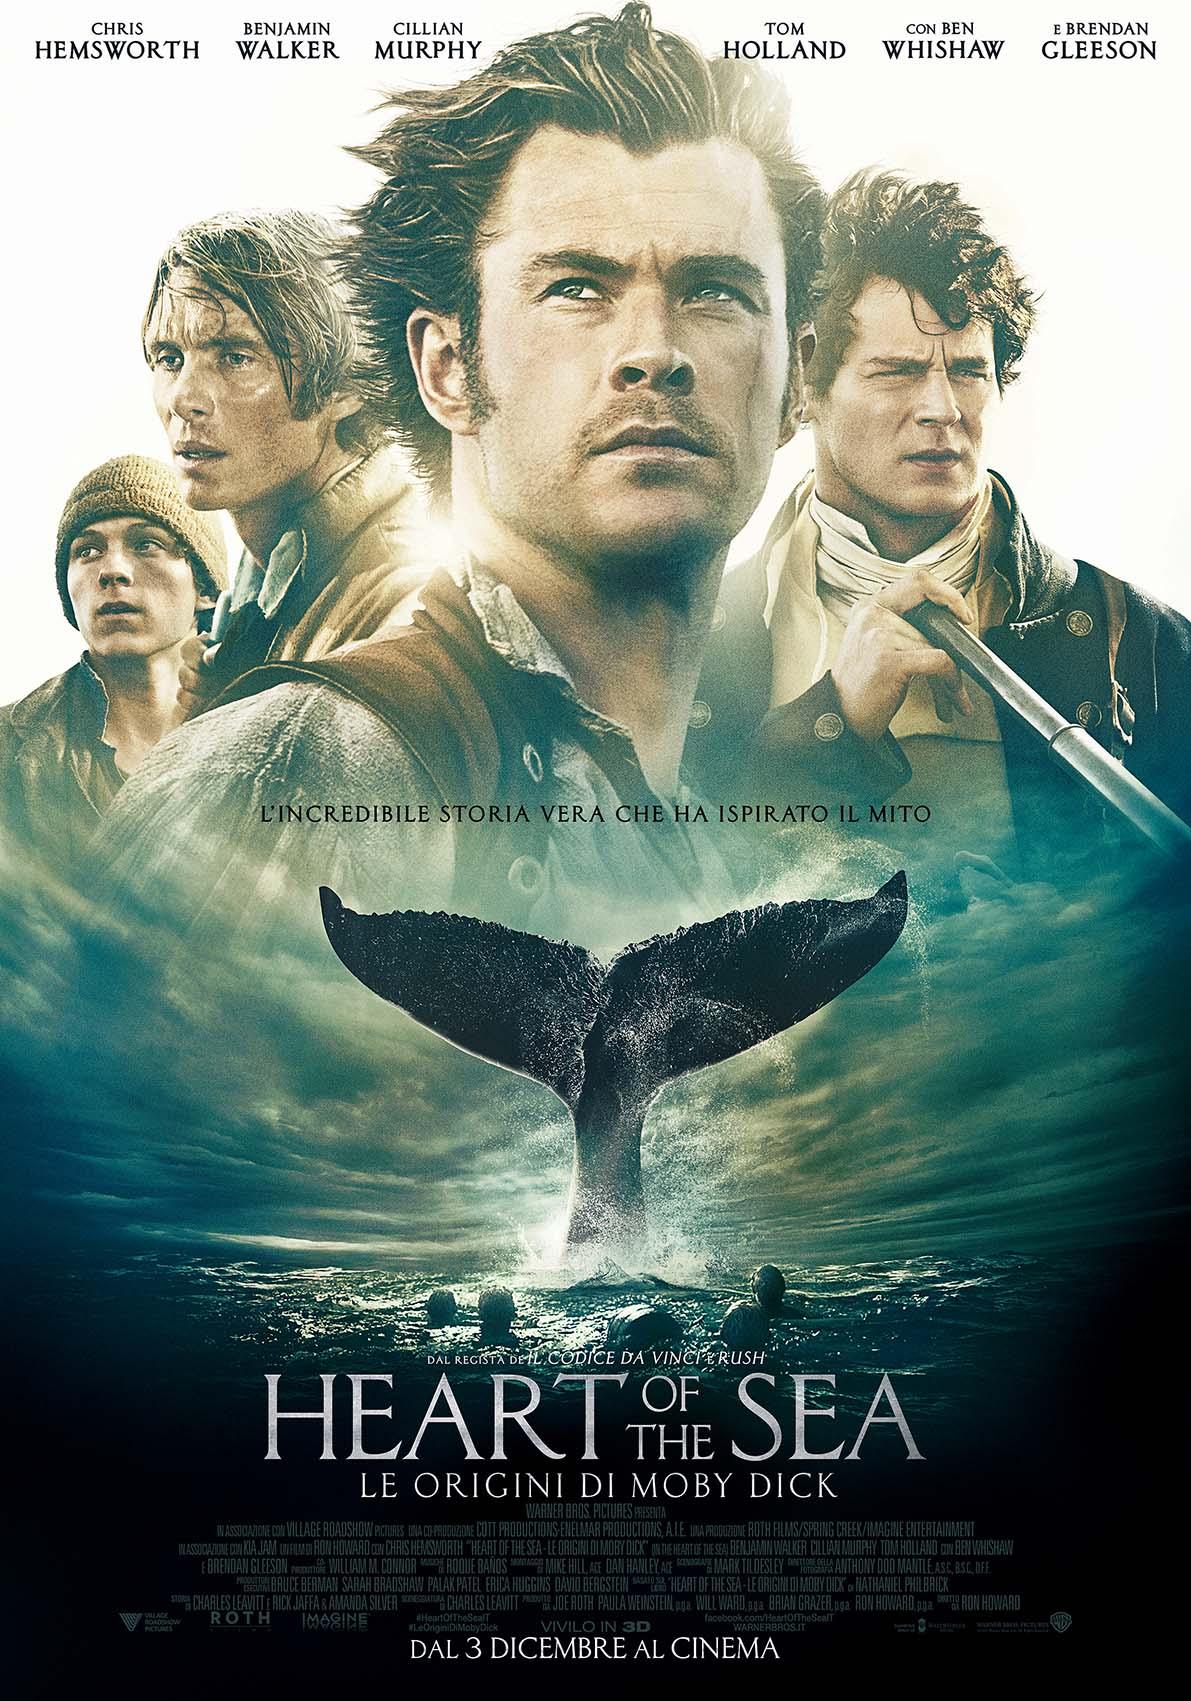 Heart of the Sea – Le origini di Moby Dick